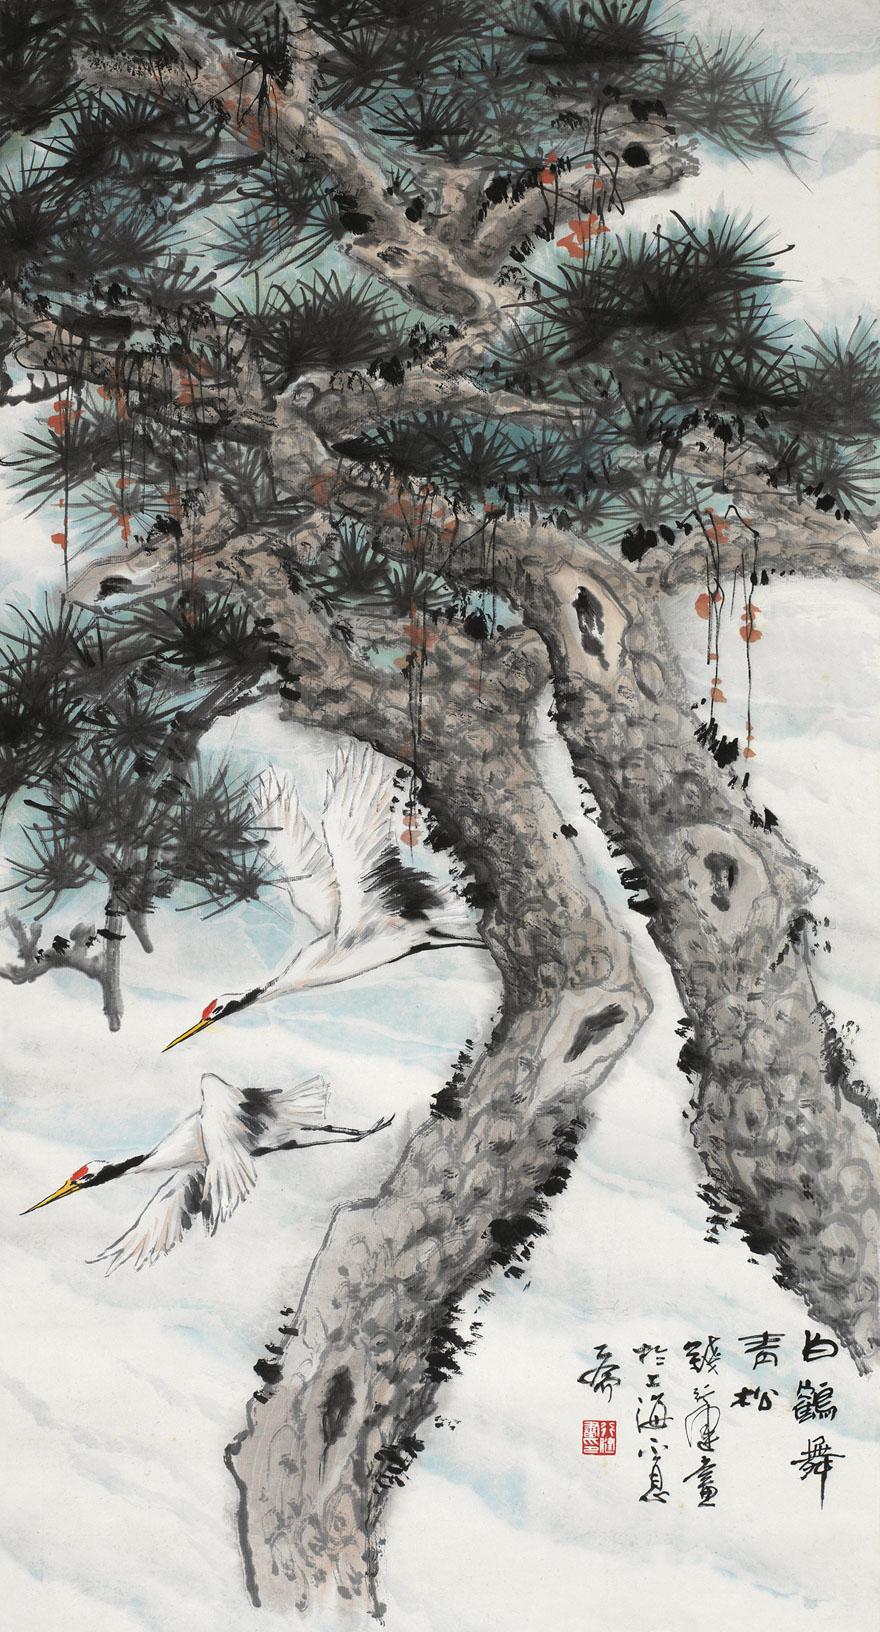 白鹤舞青松图